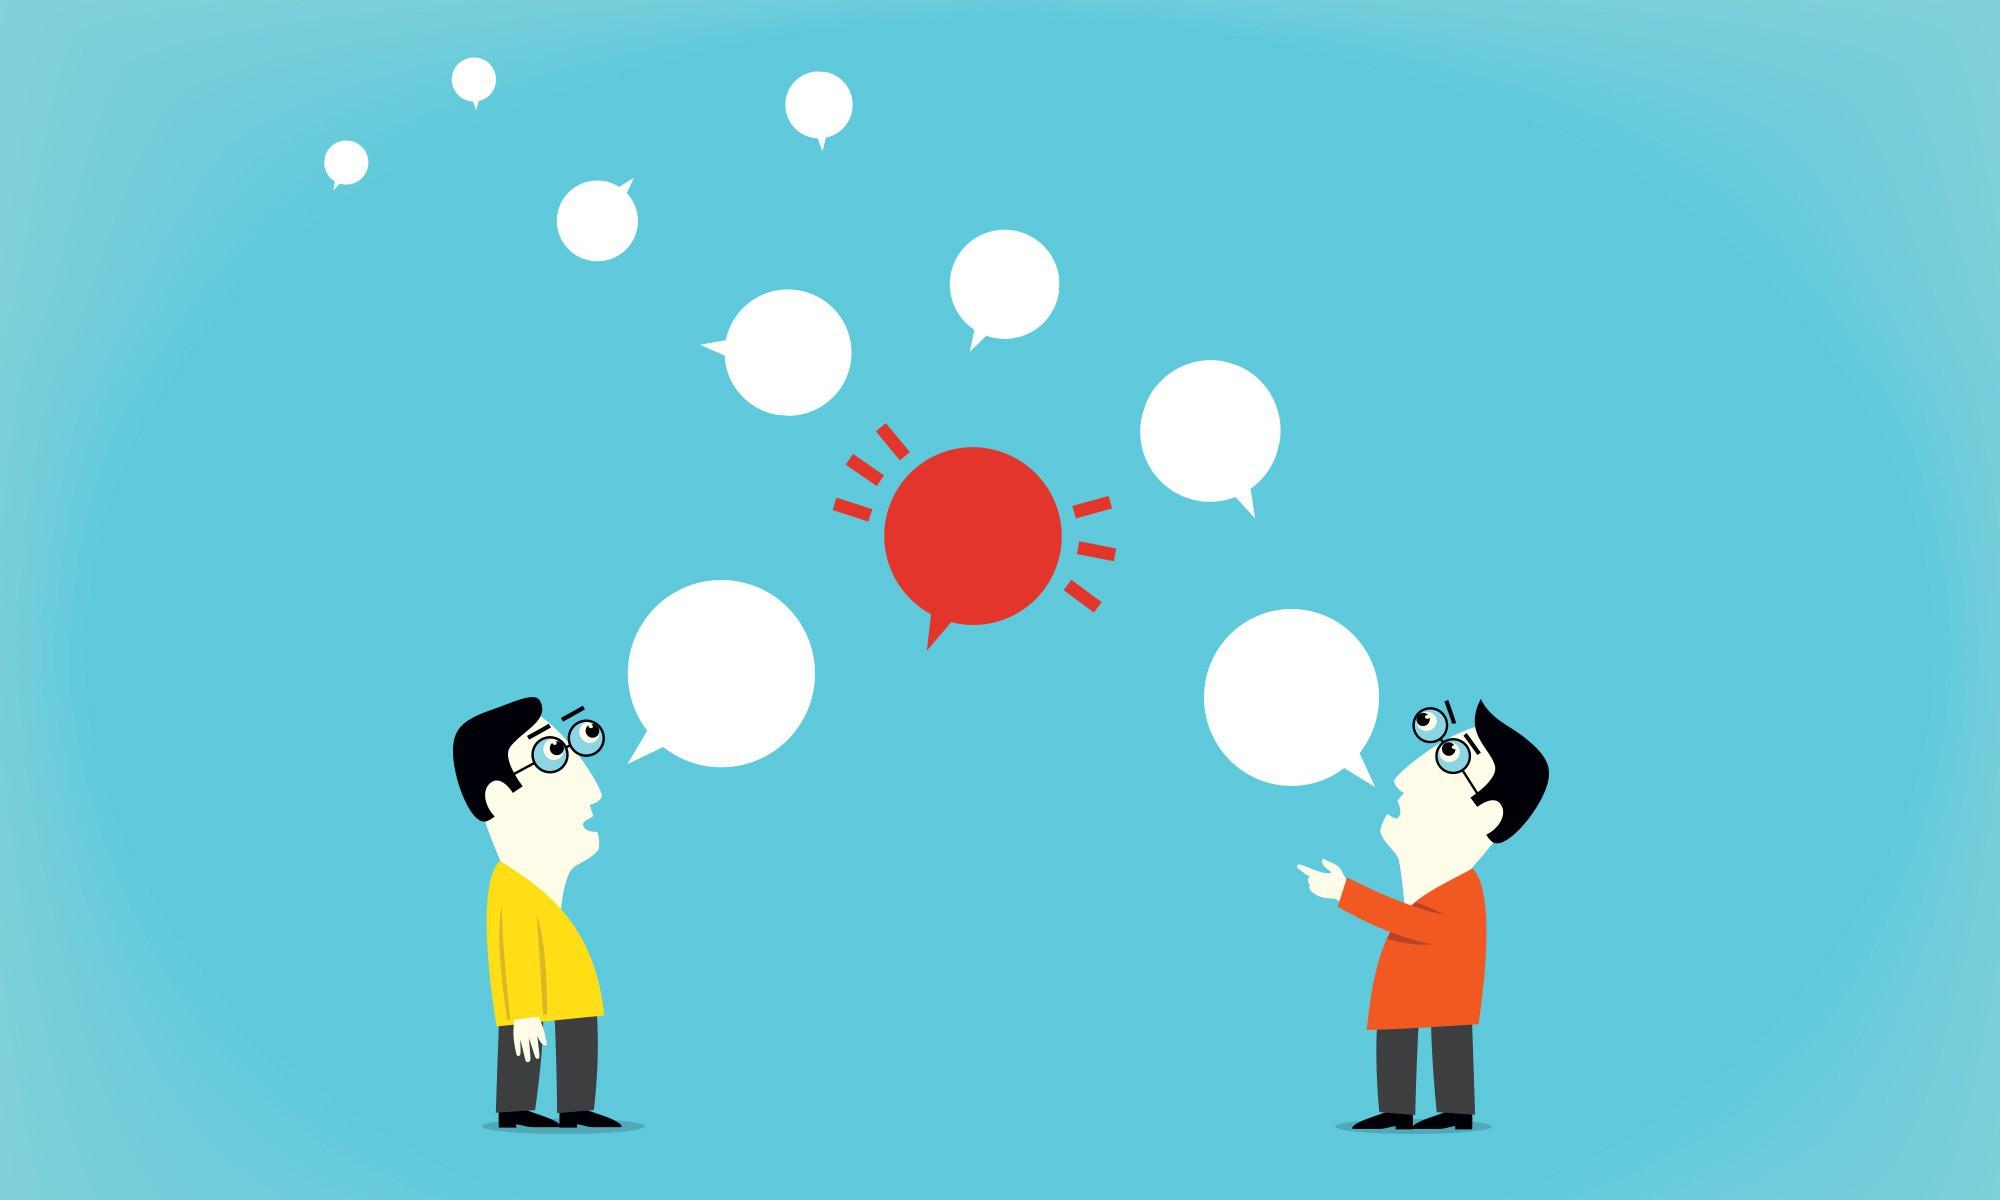 Chuyên nghiệp trong giao tiếp, làm sao để nói chuyện với người mà ...